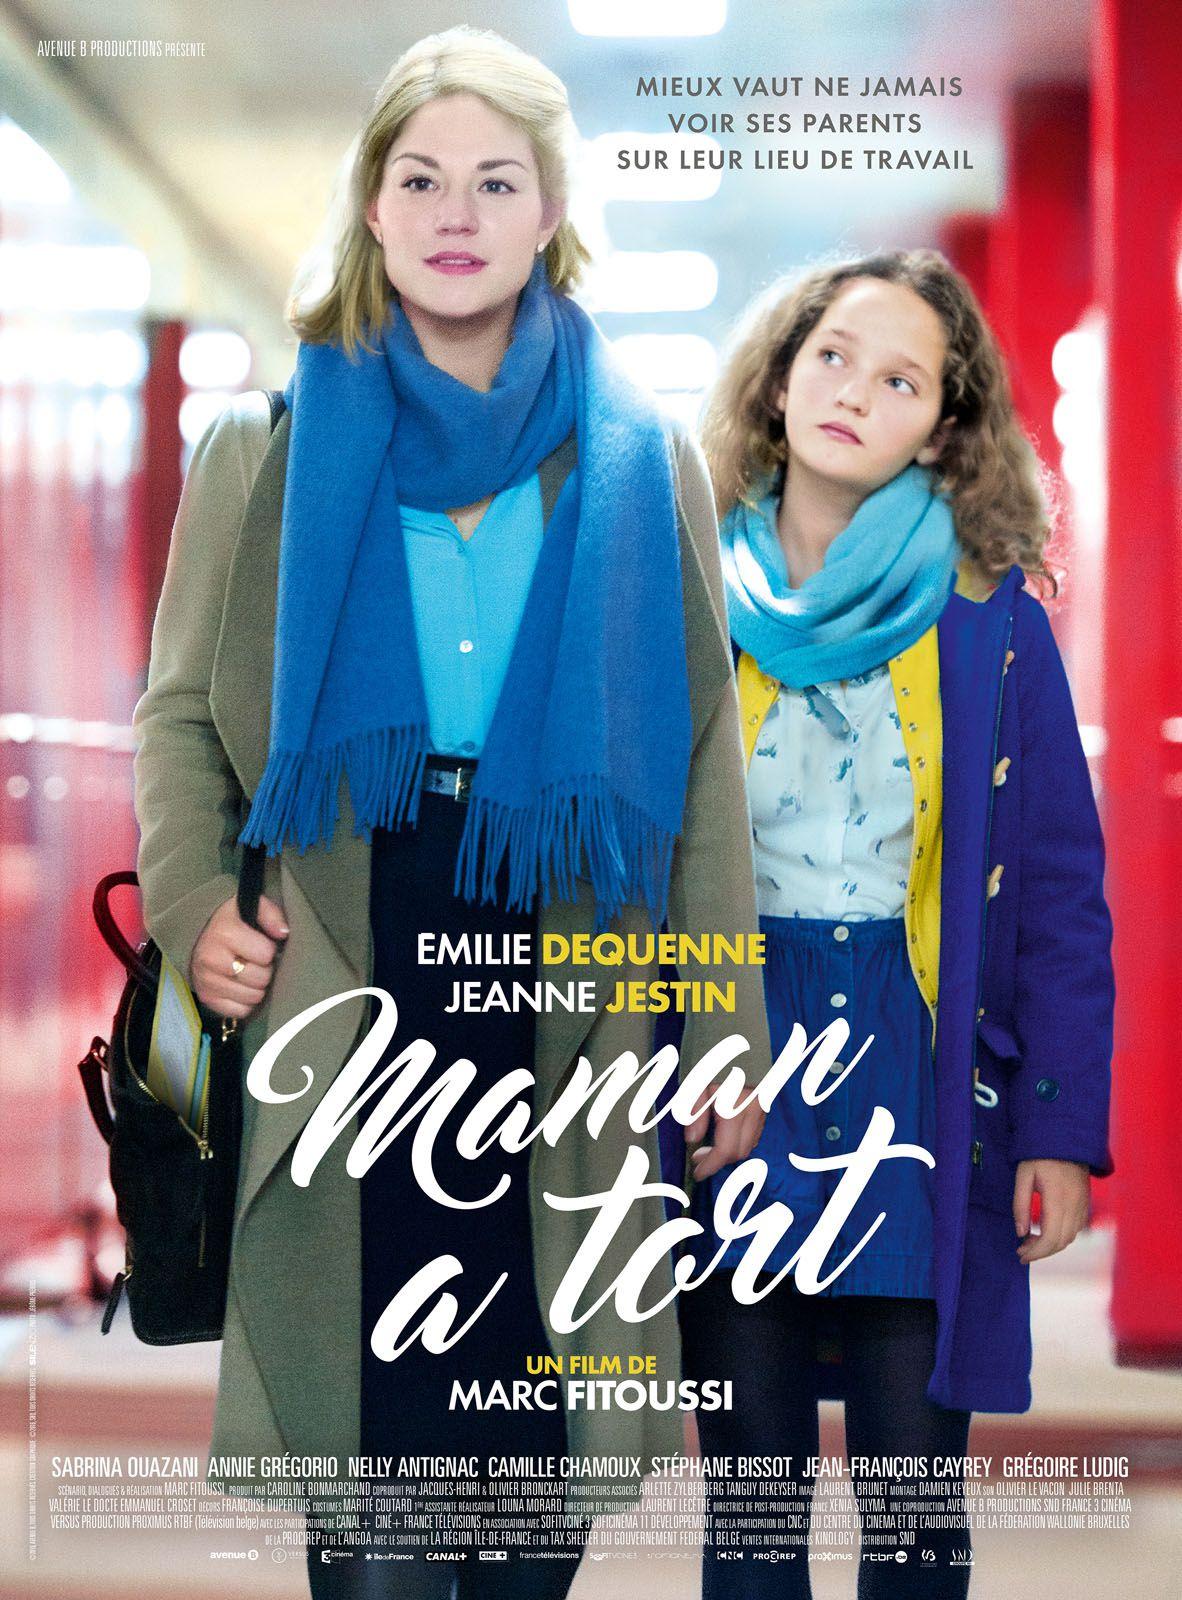 Maman a tort - Film (2016)